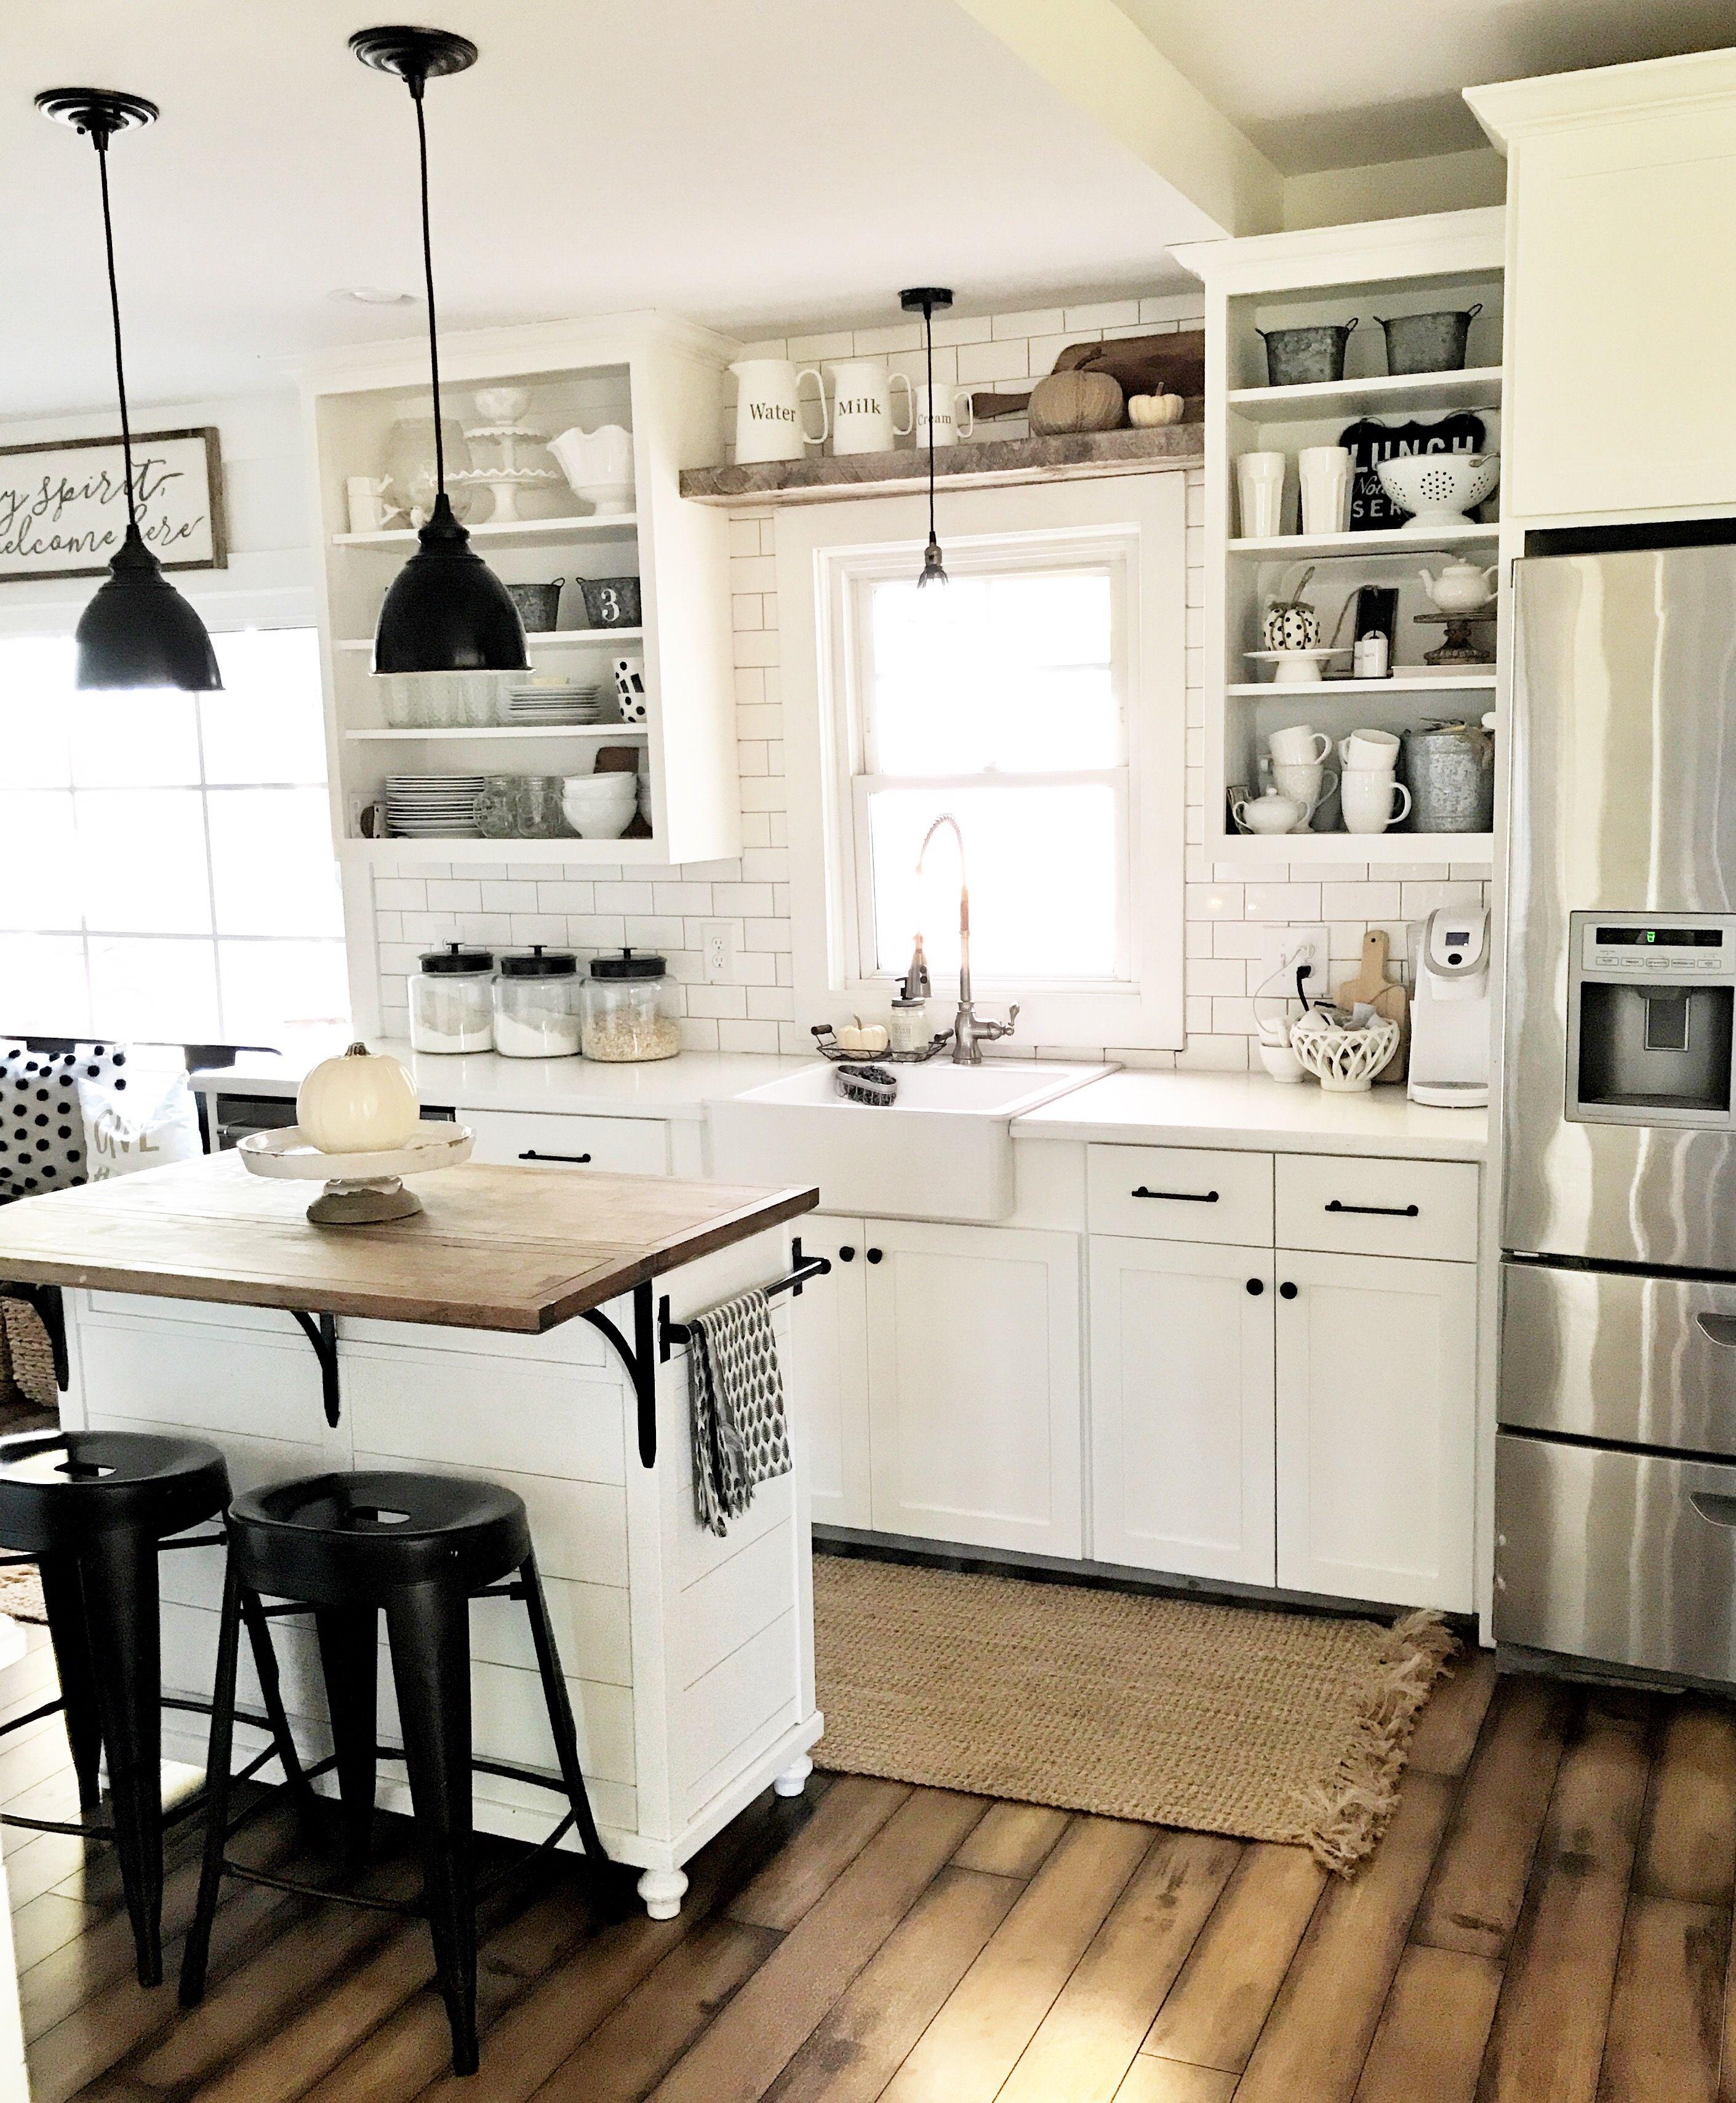 FALL HOME TOUR White farmhouse kitchens Kitchen subway tiles and